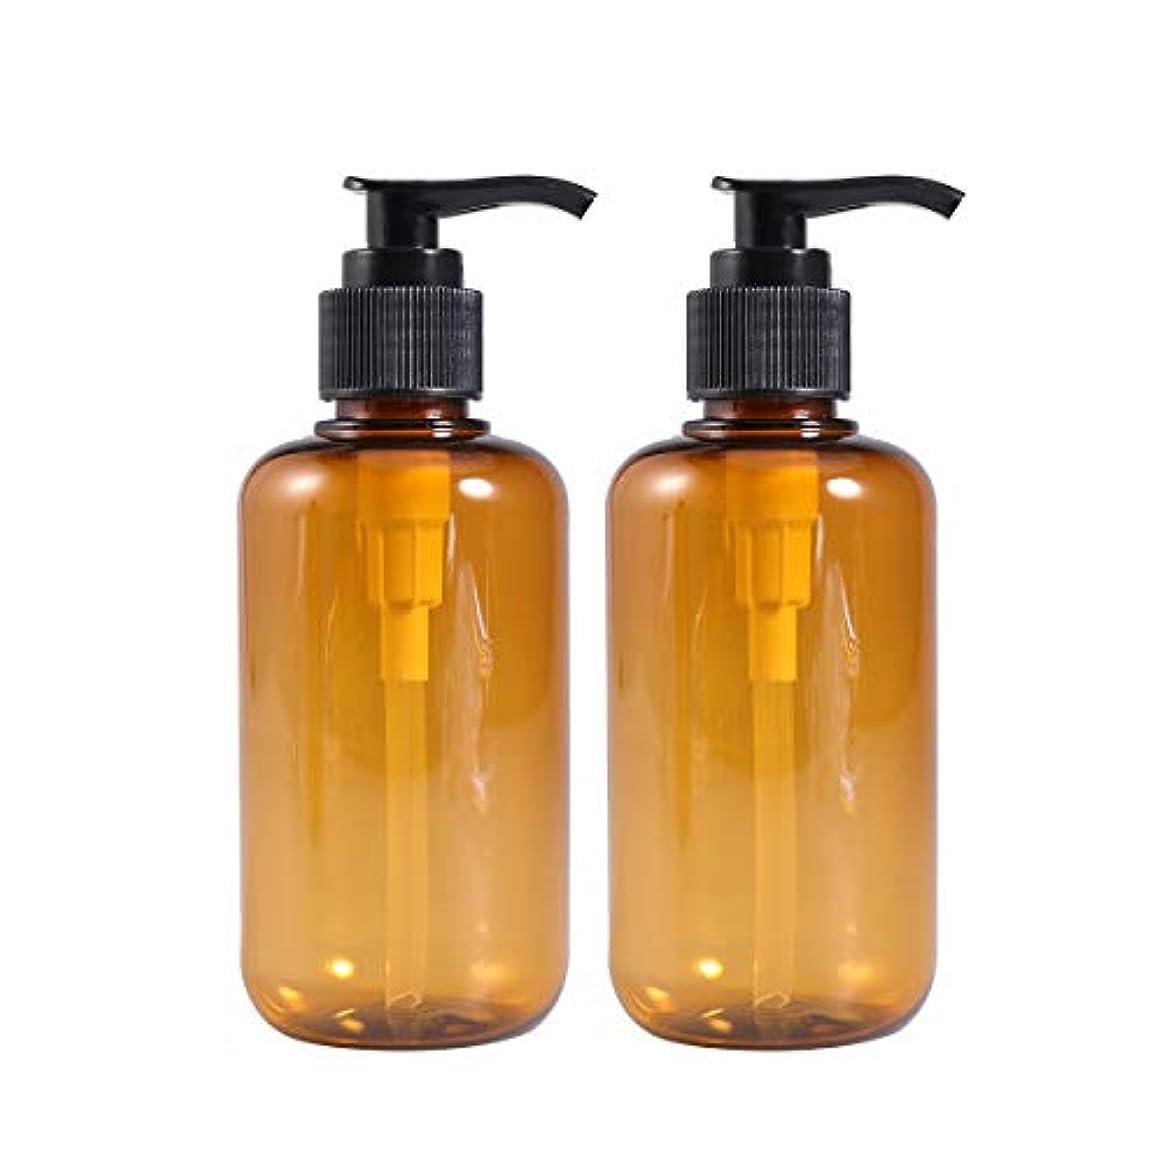 途方もないエトナ山ブロックFrcolor ポンプ瓶 ポンプボトル 200ml 遮光瓶 ドロップポンプ 詰め替えボトル シャンプーハンドソープ 茶色 PET製 2本セット